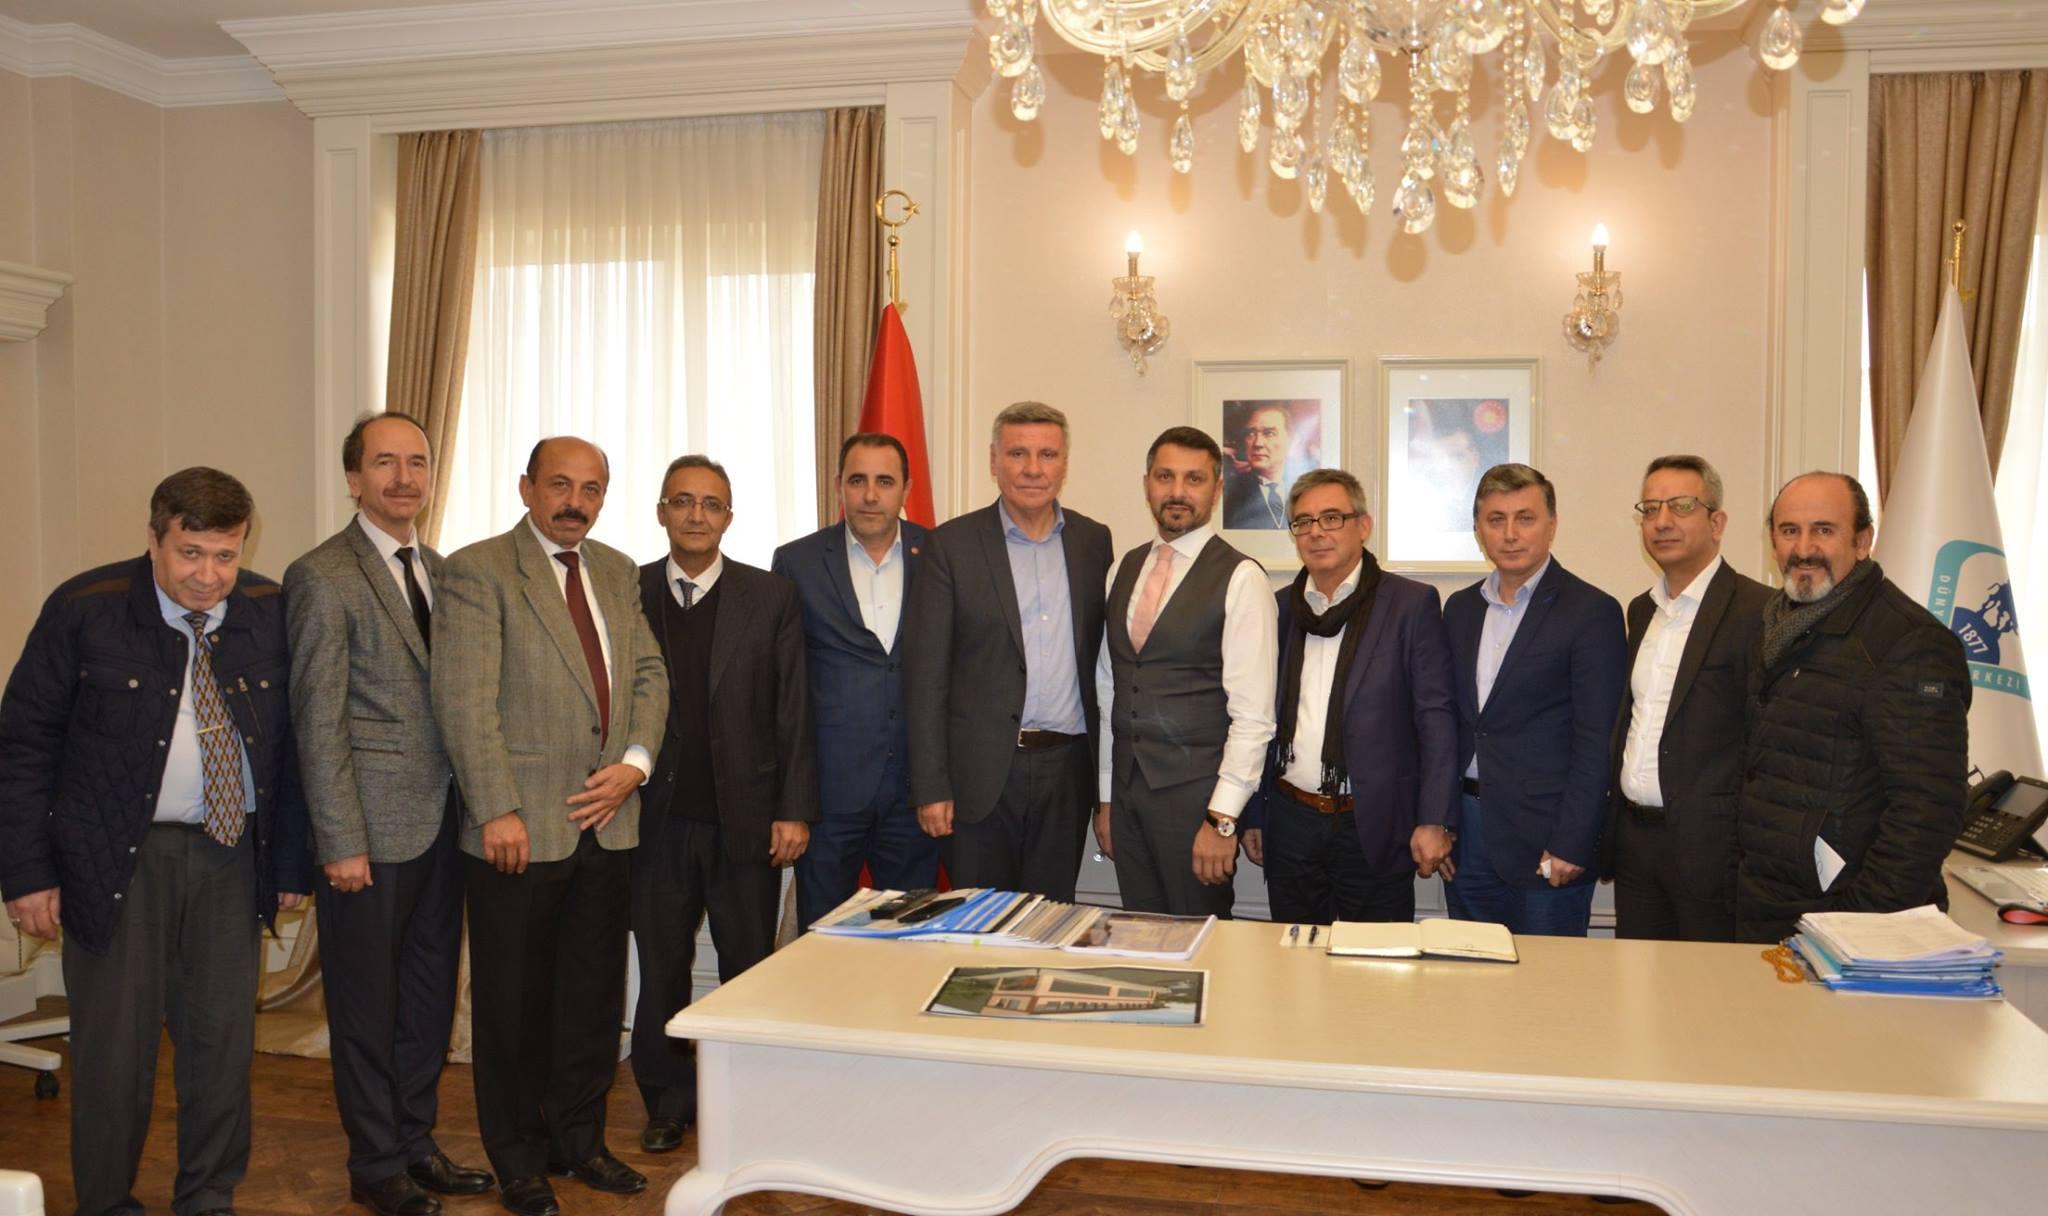 Sivrihisar Sosyal Kültür ve Dayanışma Derneği Başkanı İsmail Arslan ve Derneğimiz Yönetim Kurulu Üyeleri Kıymetli Sivrihisarlı Hemşehrilerimize Nazik Ziyaretlerinden Dolayı Teşekkürlerimi Sunarım.